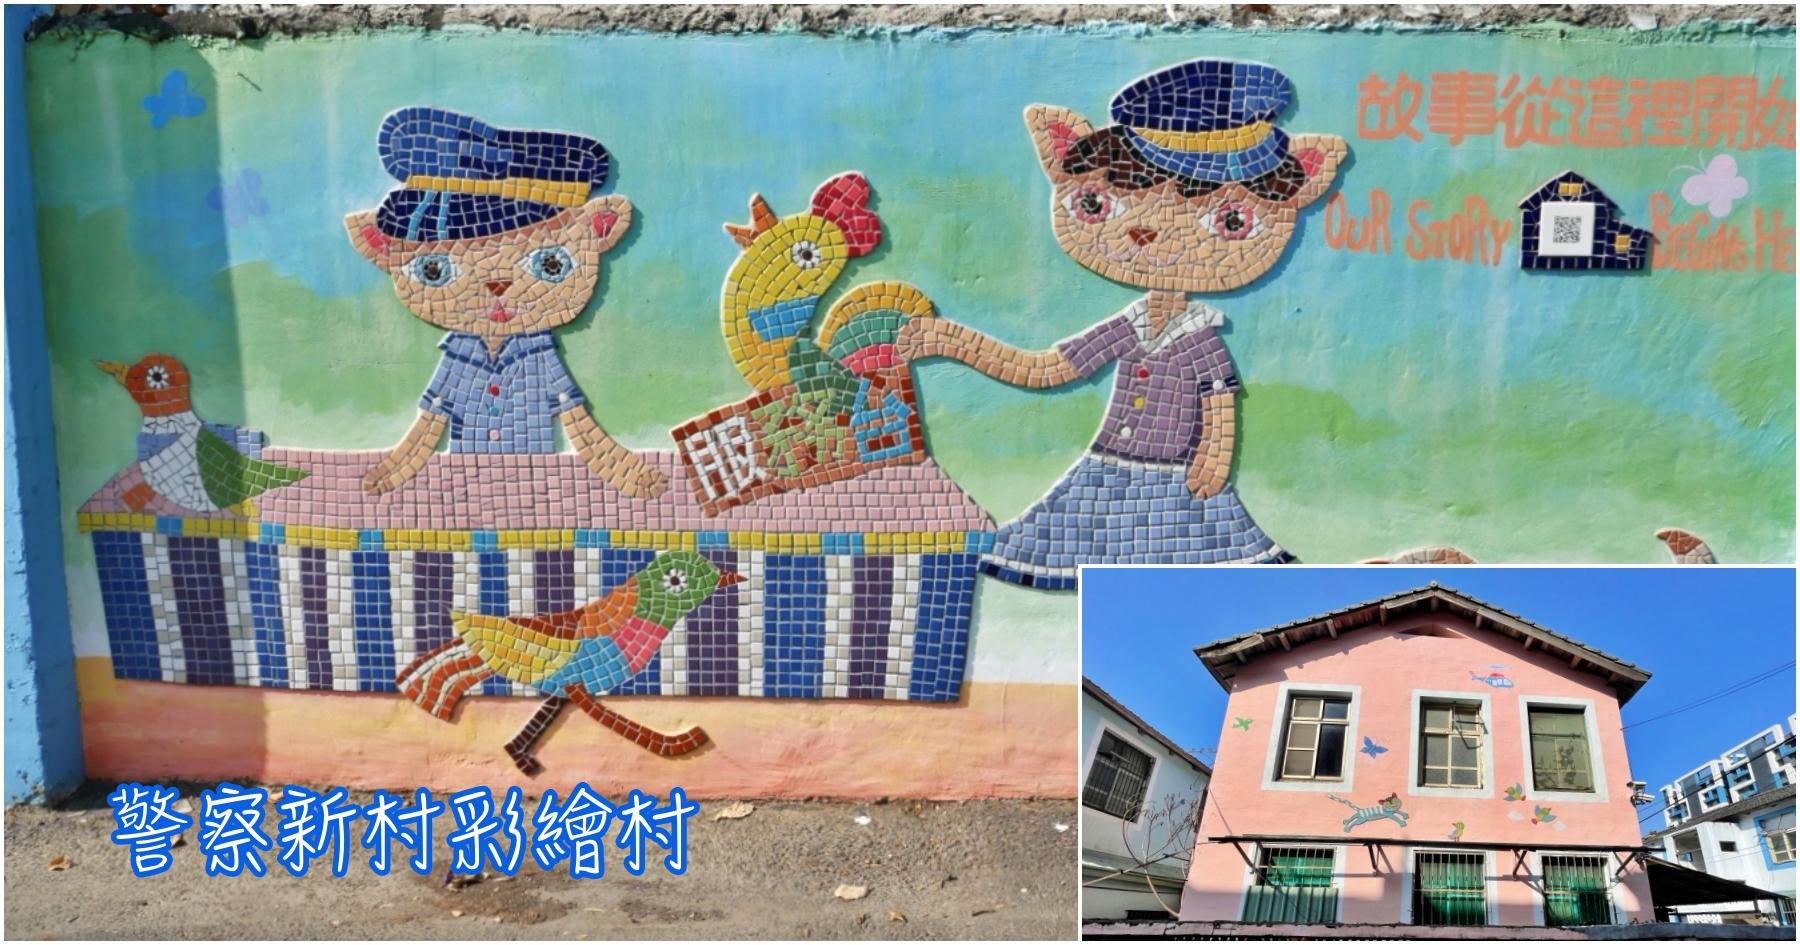 最新推播訊息:[台南景點]警察新村彩繪村|波麗士大人為主題的彩繪村~親子旅行免費景點.放風好去處